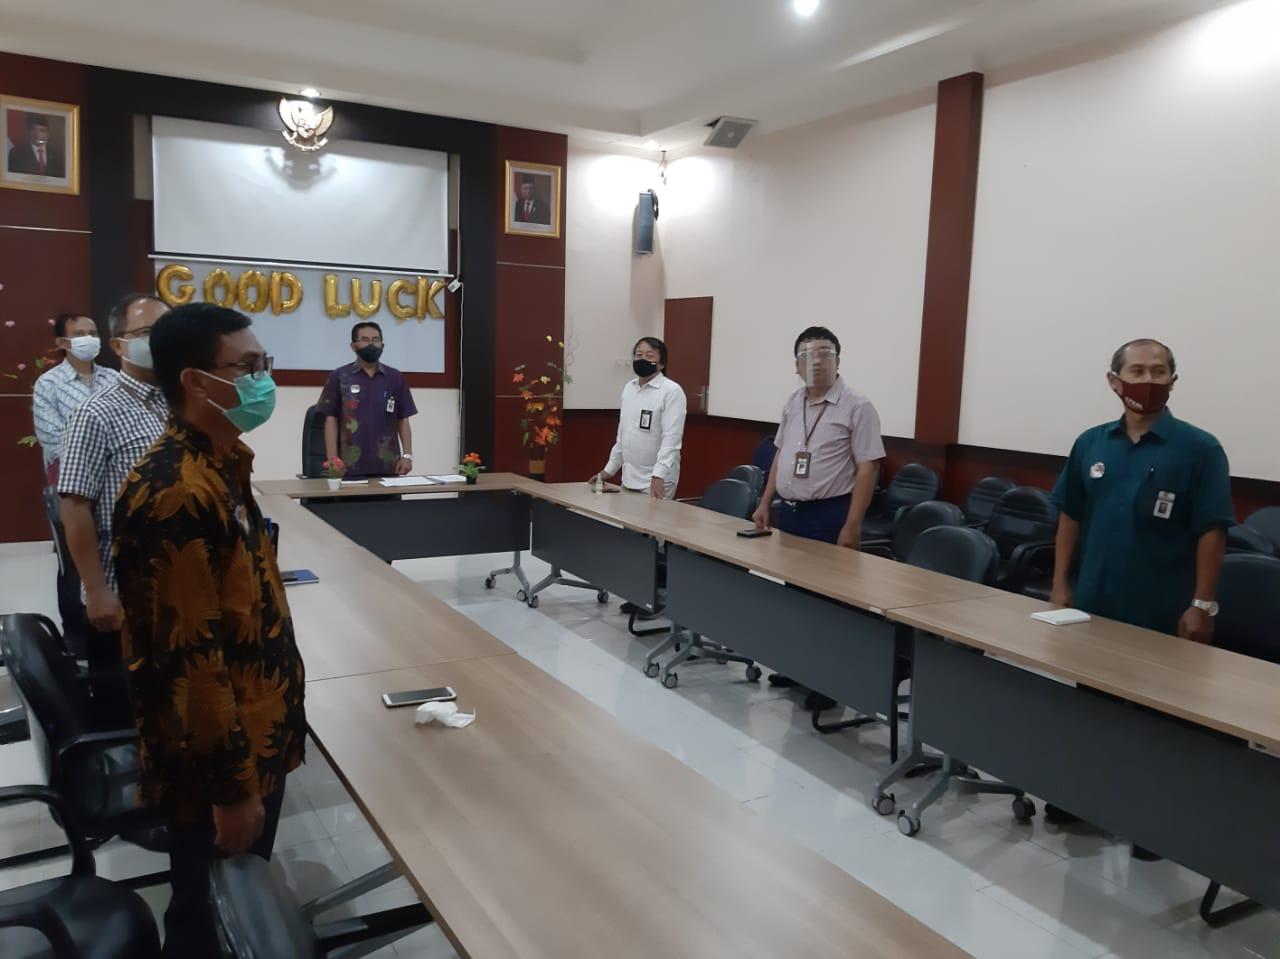 Kepala KPKNL Banjarmasin Siap Mendukung Pencegahan Pelecehan Seksual di Lingkungan KPKNL Banjarmasin